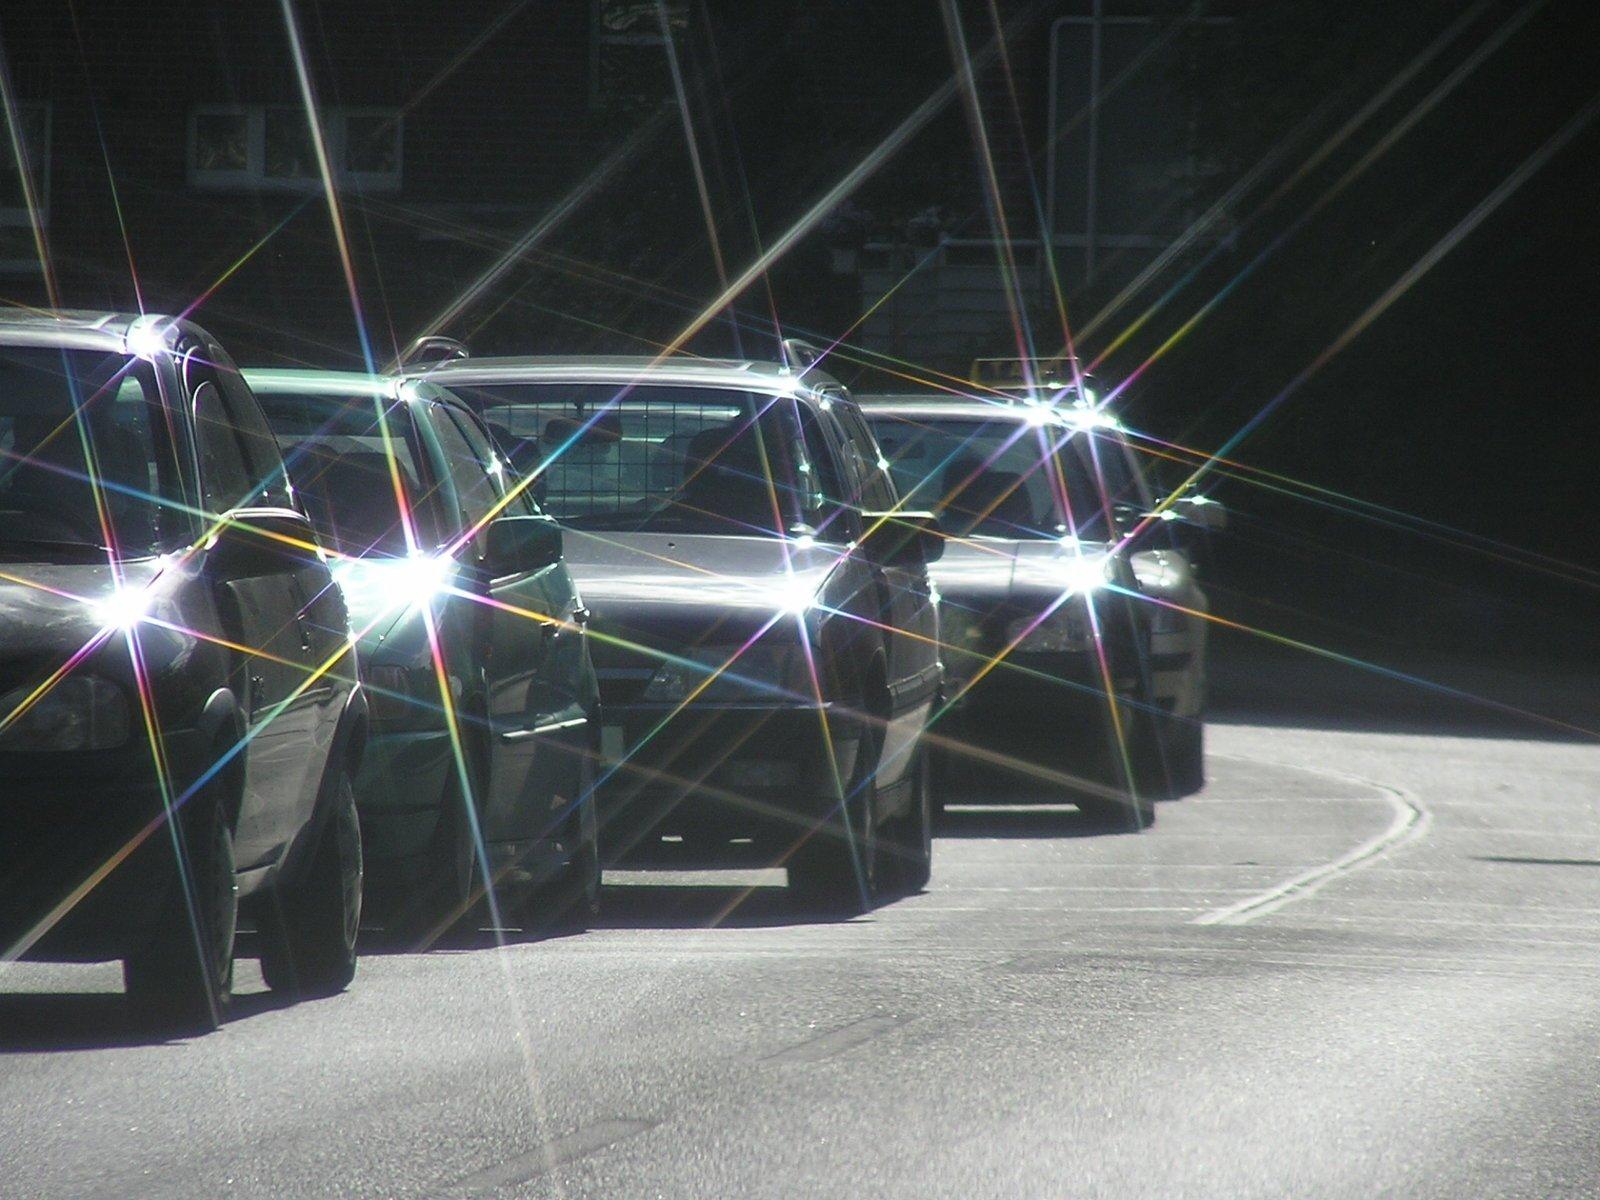 Car reflexes